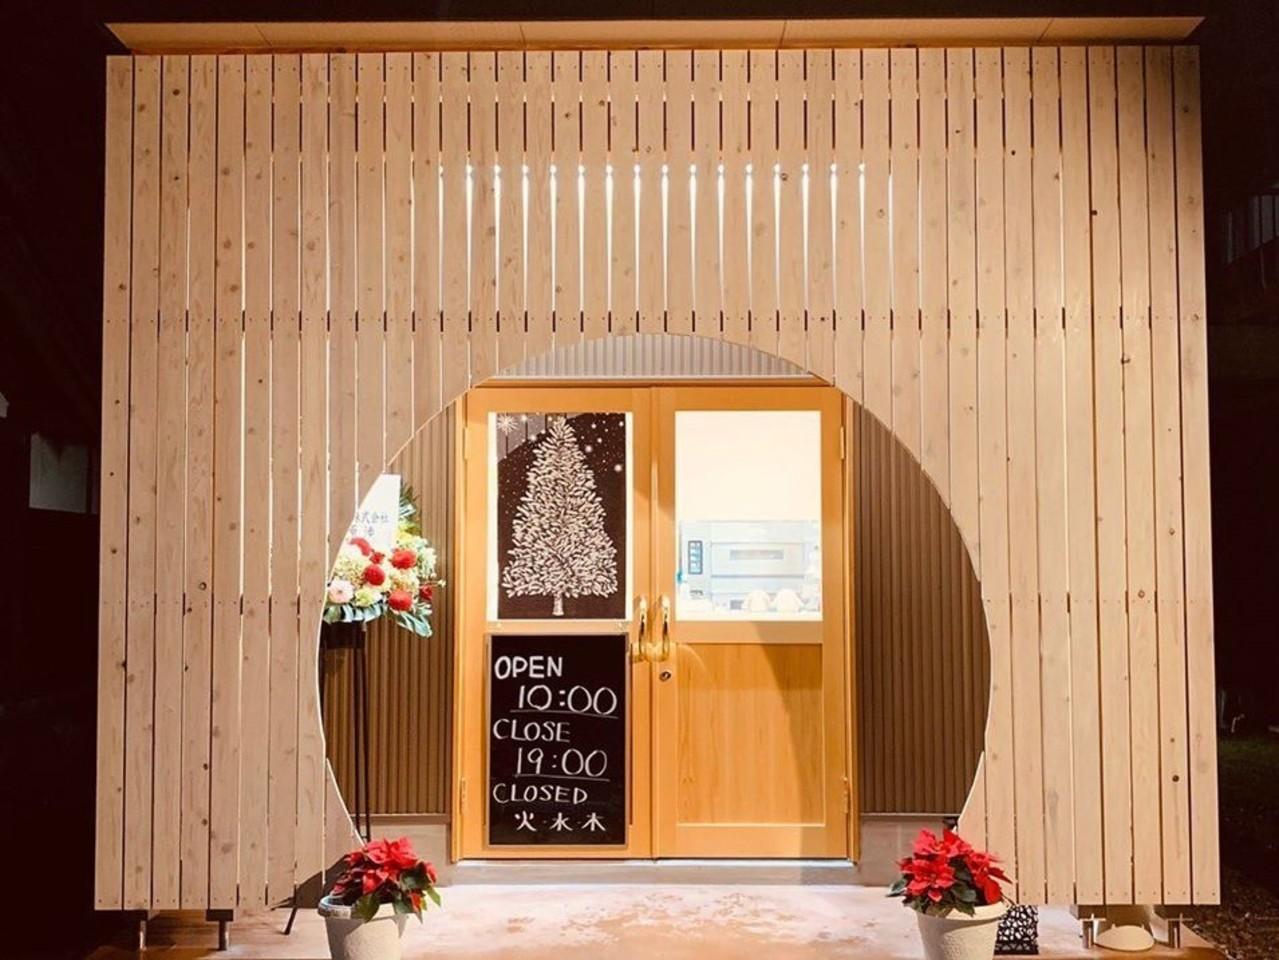 小さな焼菓子店。。富山県高岡市辻に『アイコールスタジオ』12/15オープン